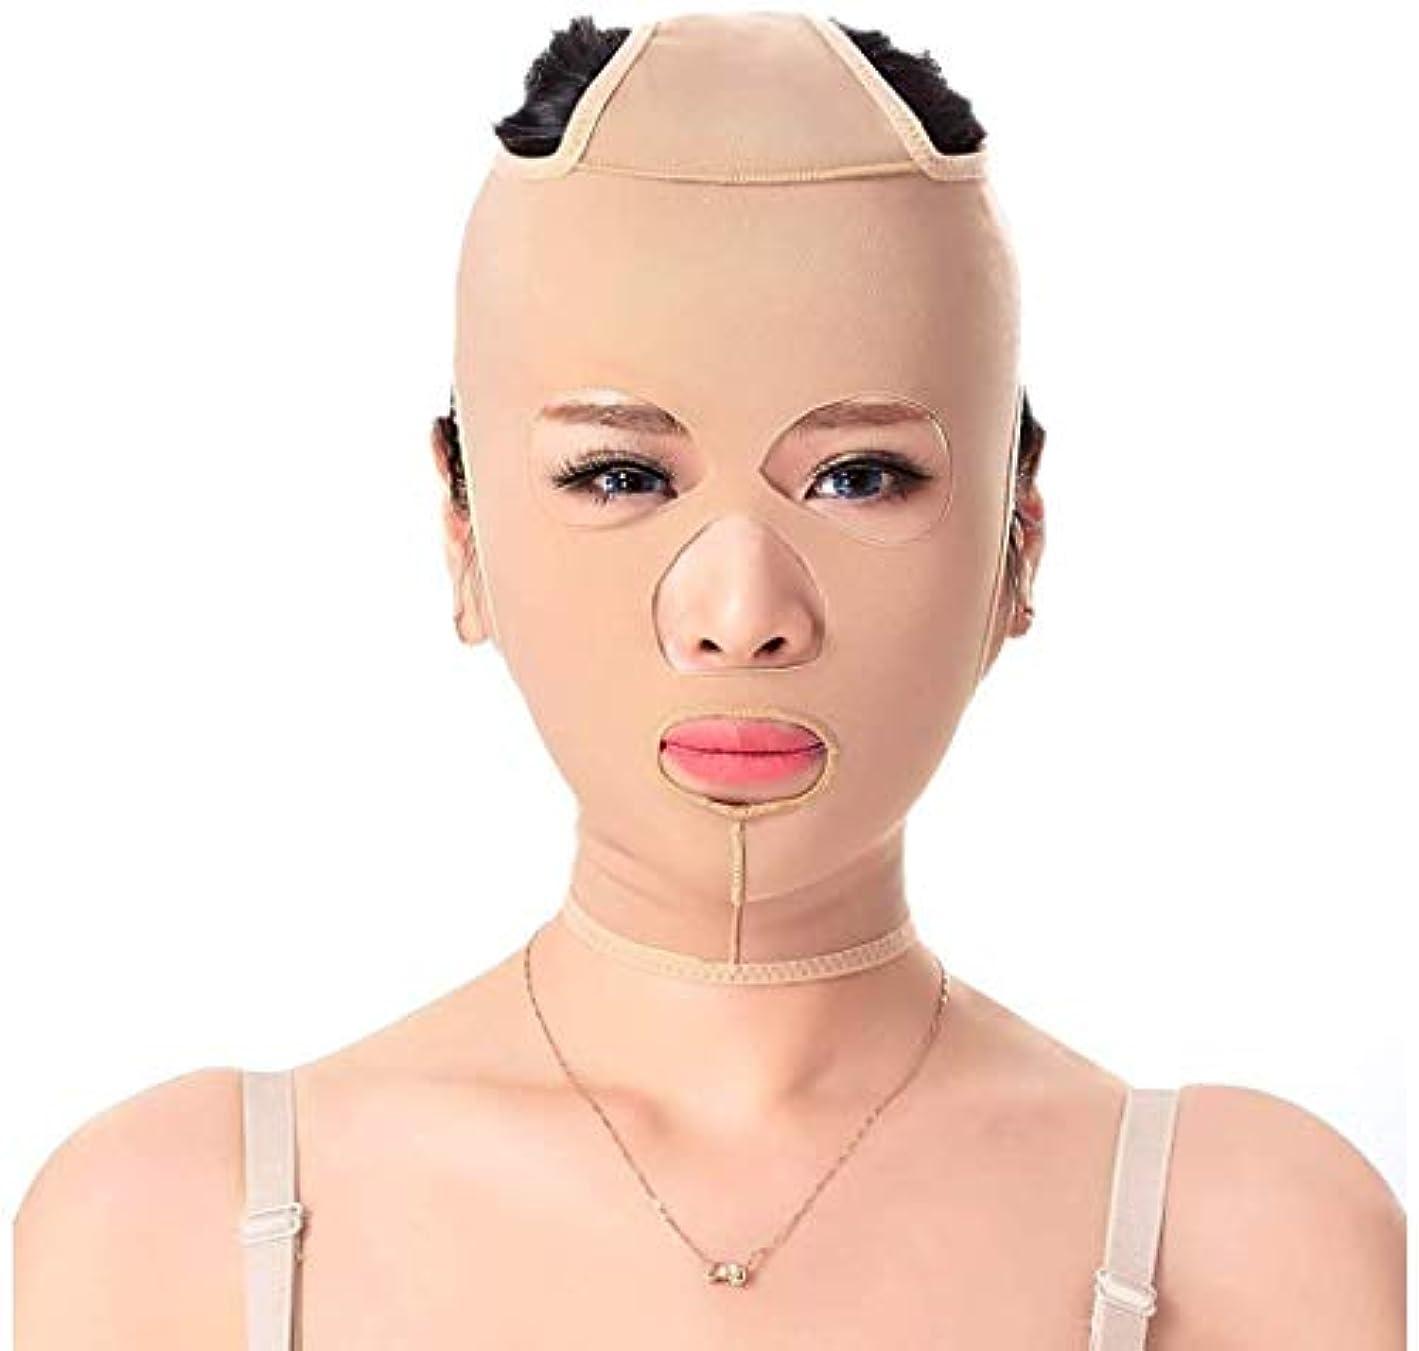 メンタリティヒューズ挑むスリミングVフェイスマスク、スリミングベルト、フェイシャルマスク薄いフェイスマスクから布パターンを持ち上げるダブルチンファーミングフェイシャルプラスチックフェイスアーティファクト強力なフェイスバンデージ(サイズ:M)